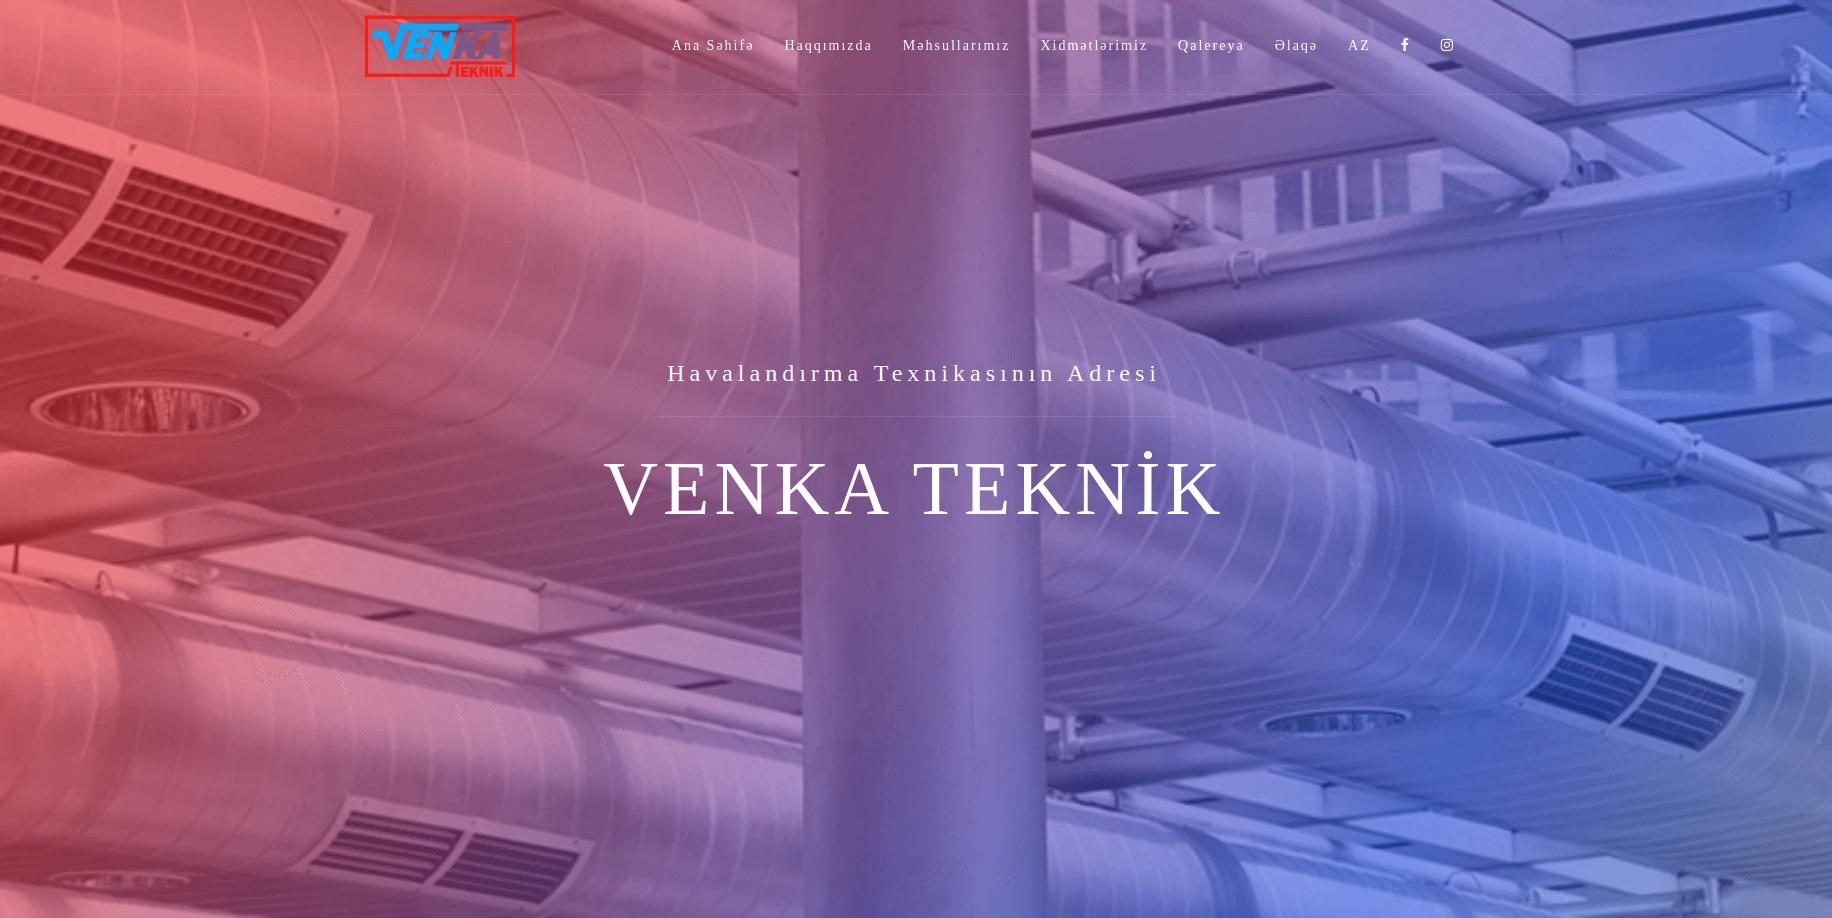 Venka Teknik